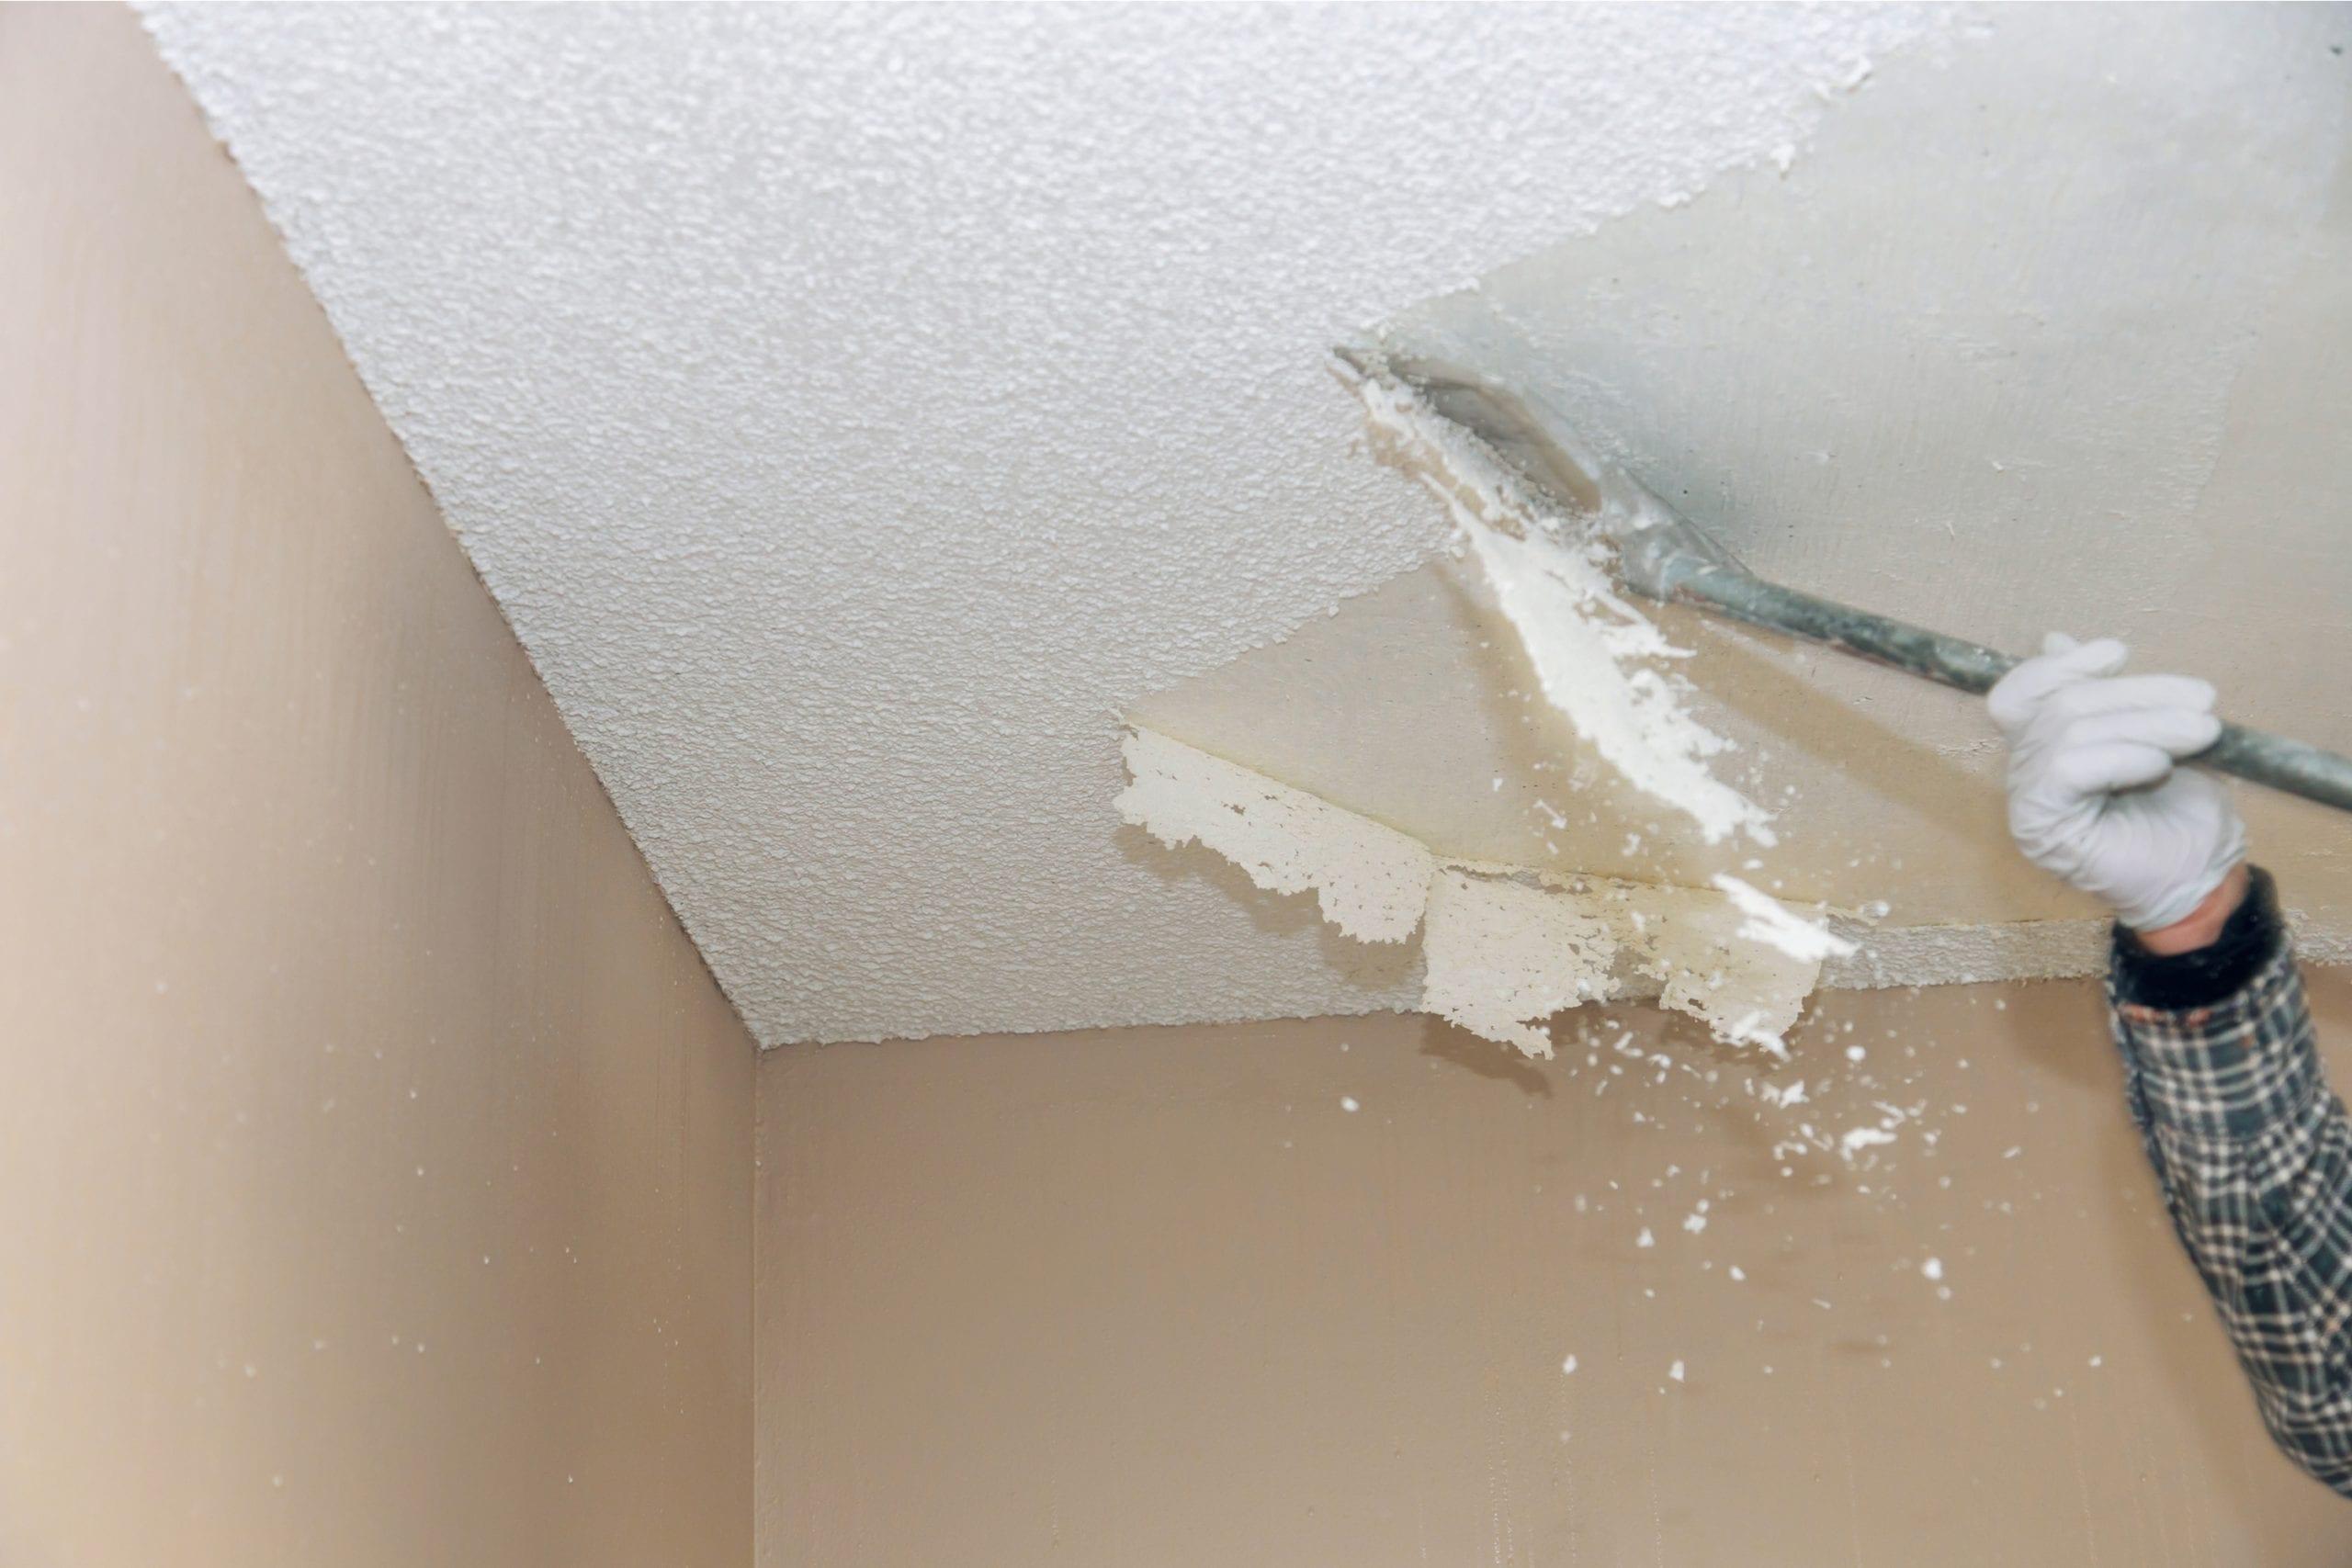 Scraping popcorn ceiling-DIY home repair hacks